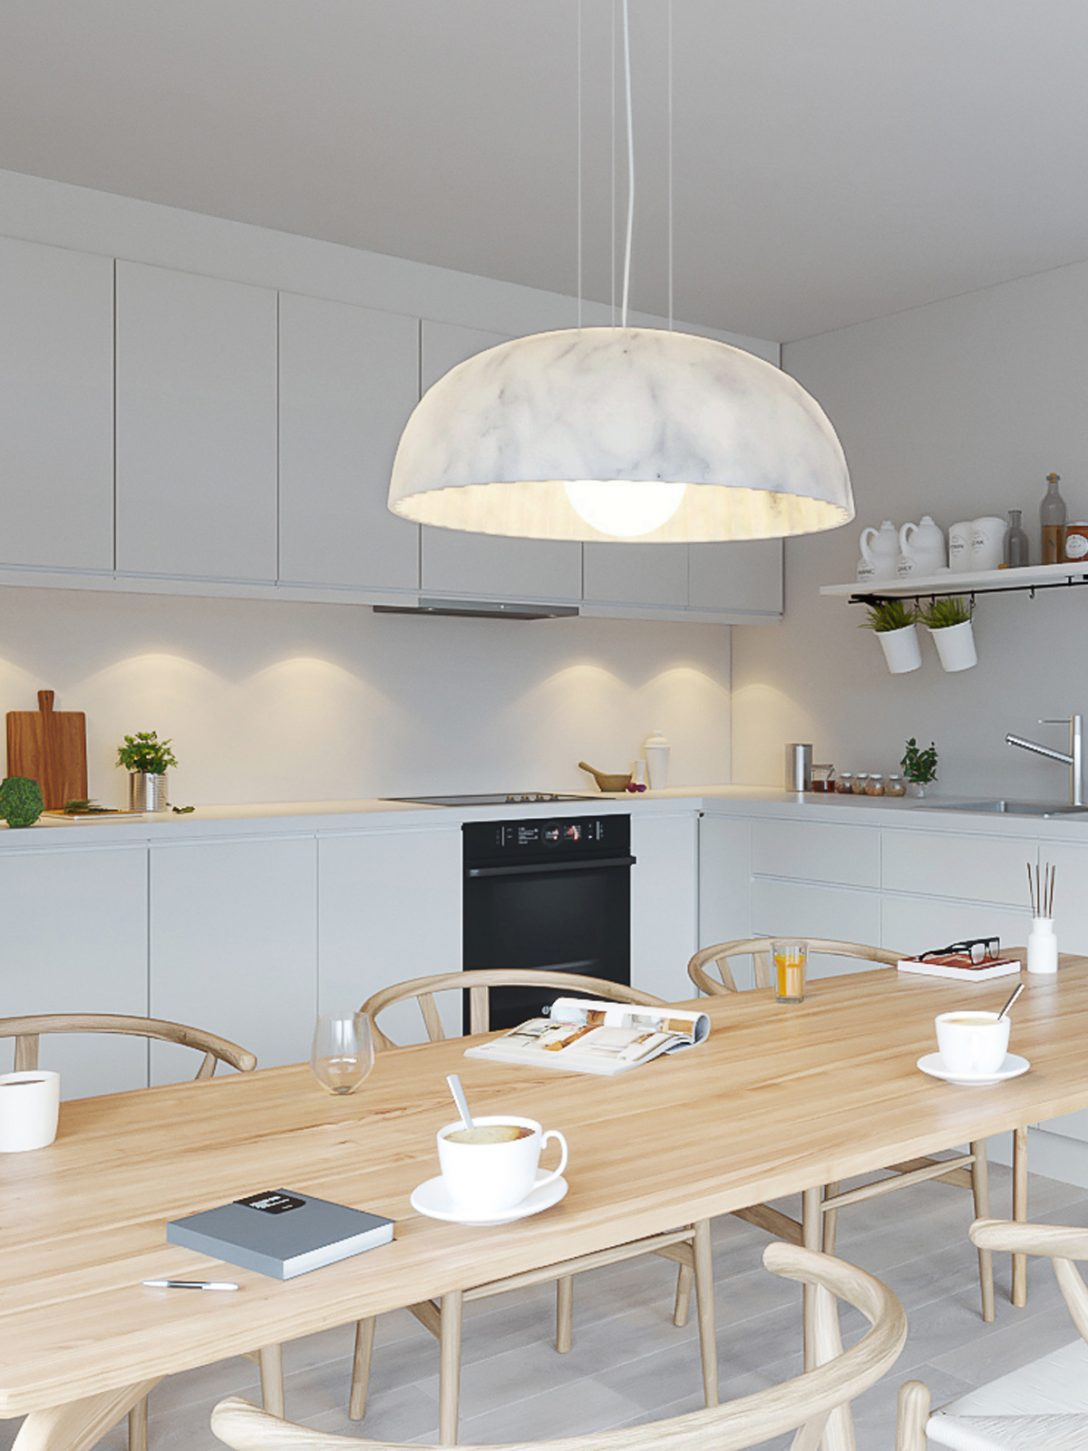 Amazon Lampen Küche Designer Landhaus Led Griffe Was Kostet ...